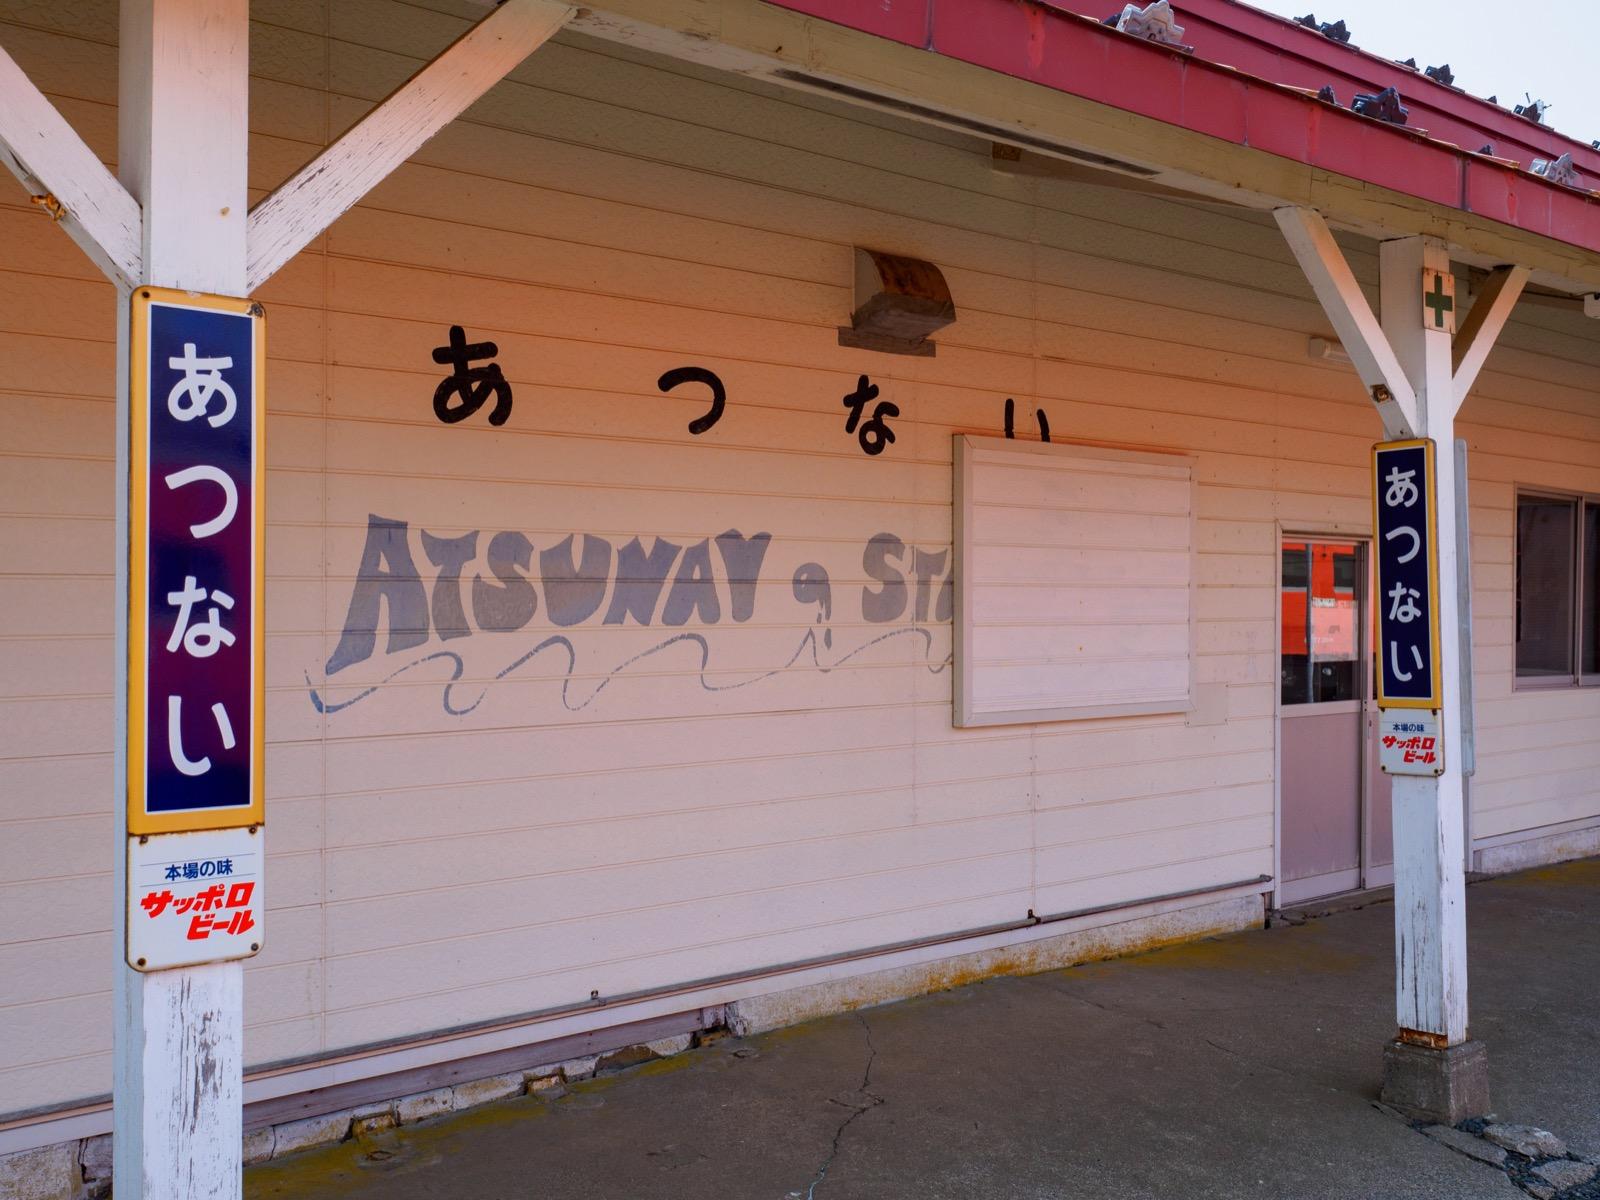 厚内駅の駅舎の文字